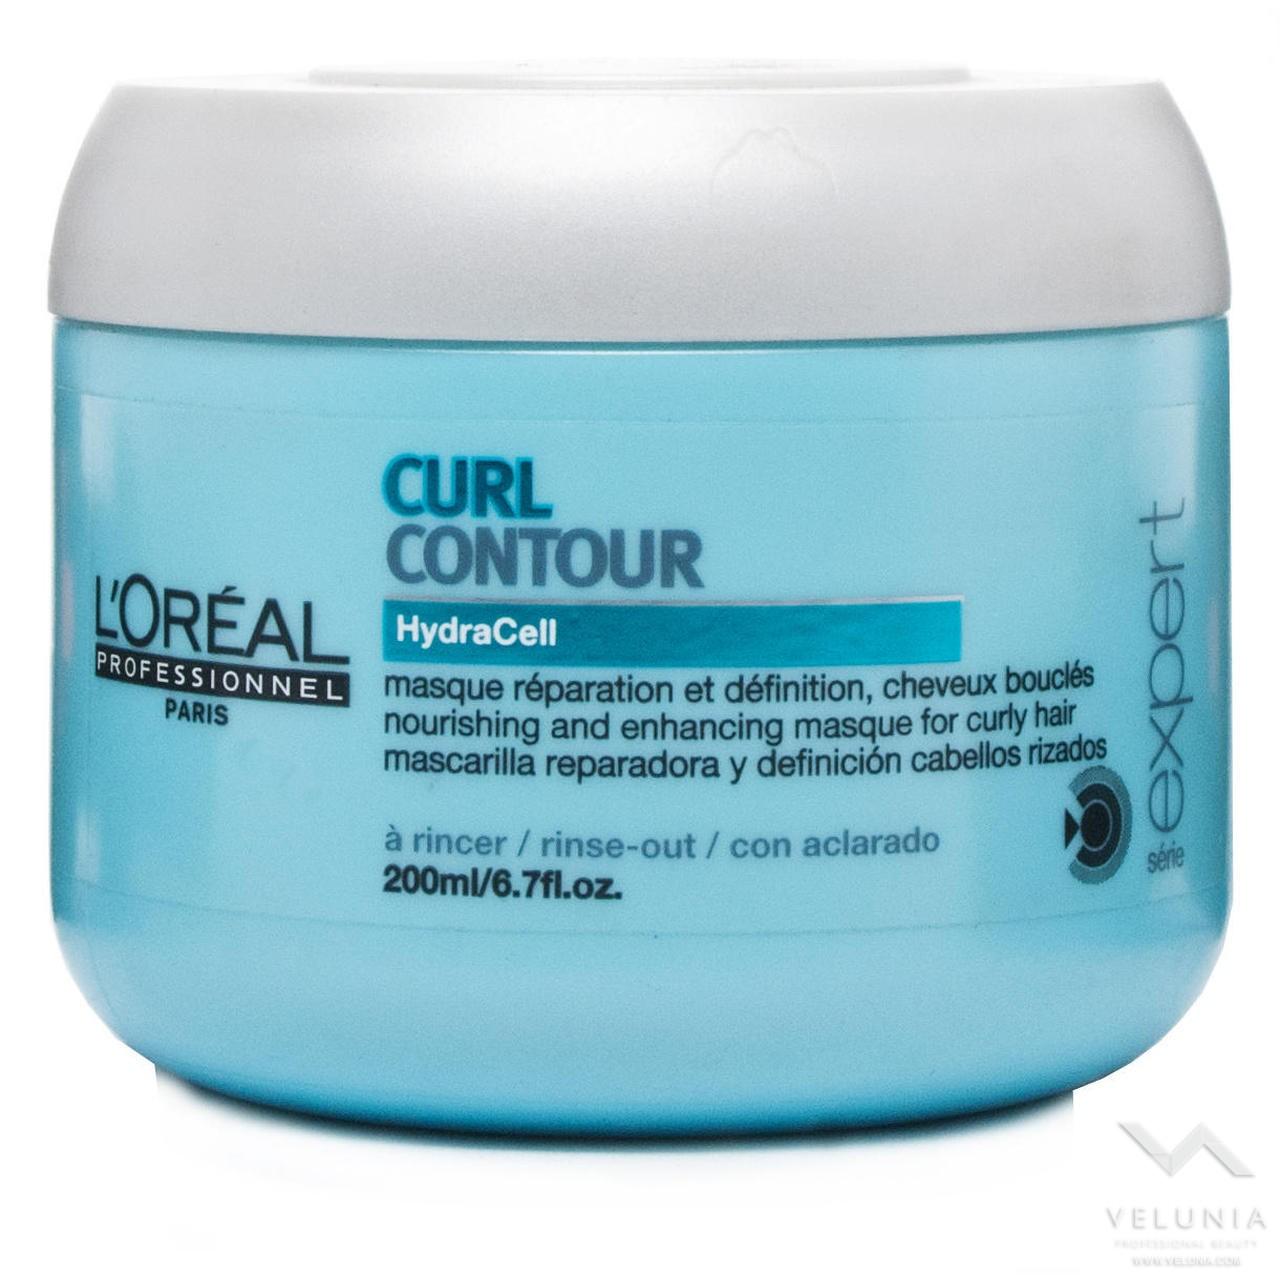 L'Oreal Expert Curl Countor Maschera 200ml 1